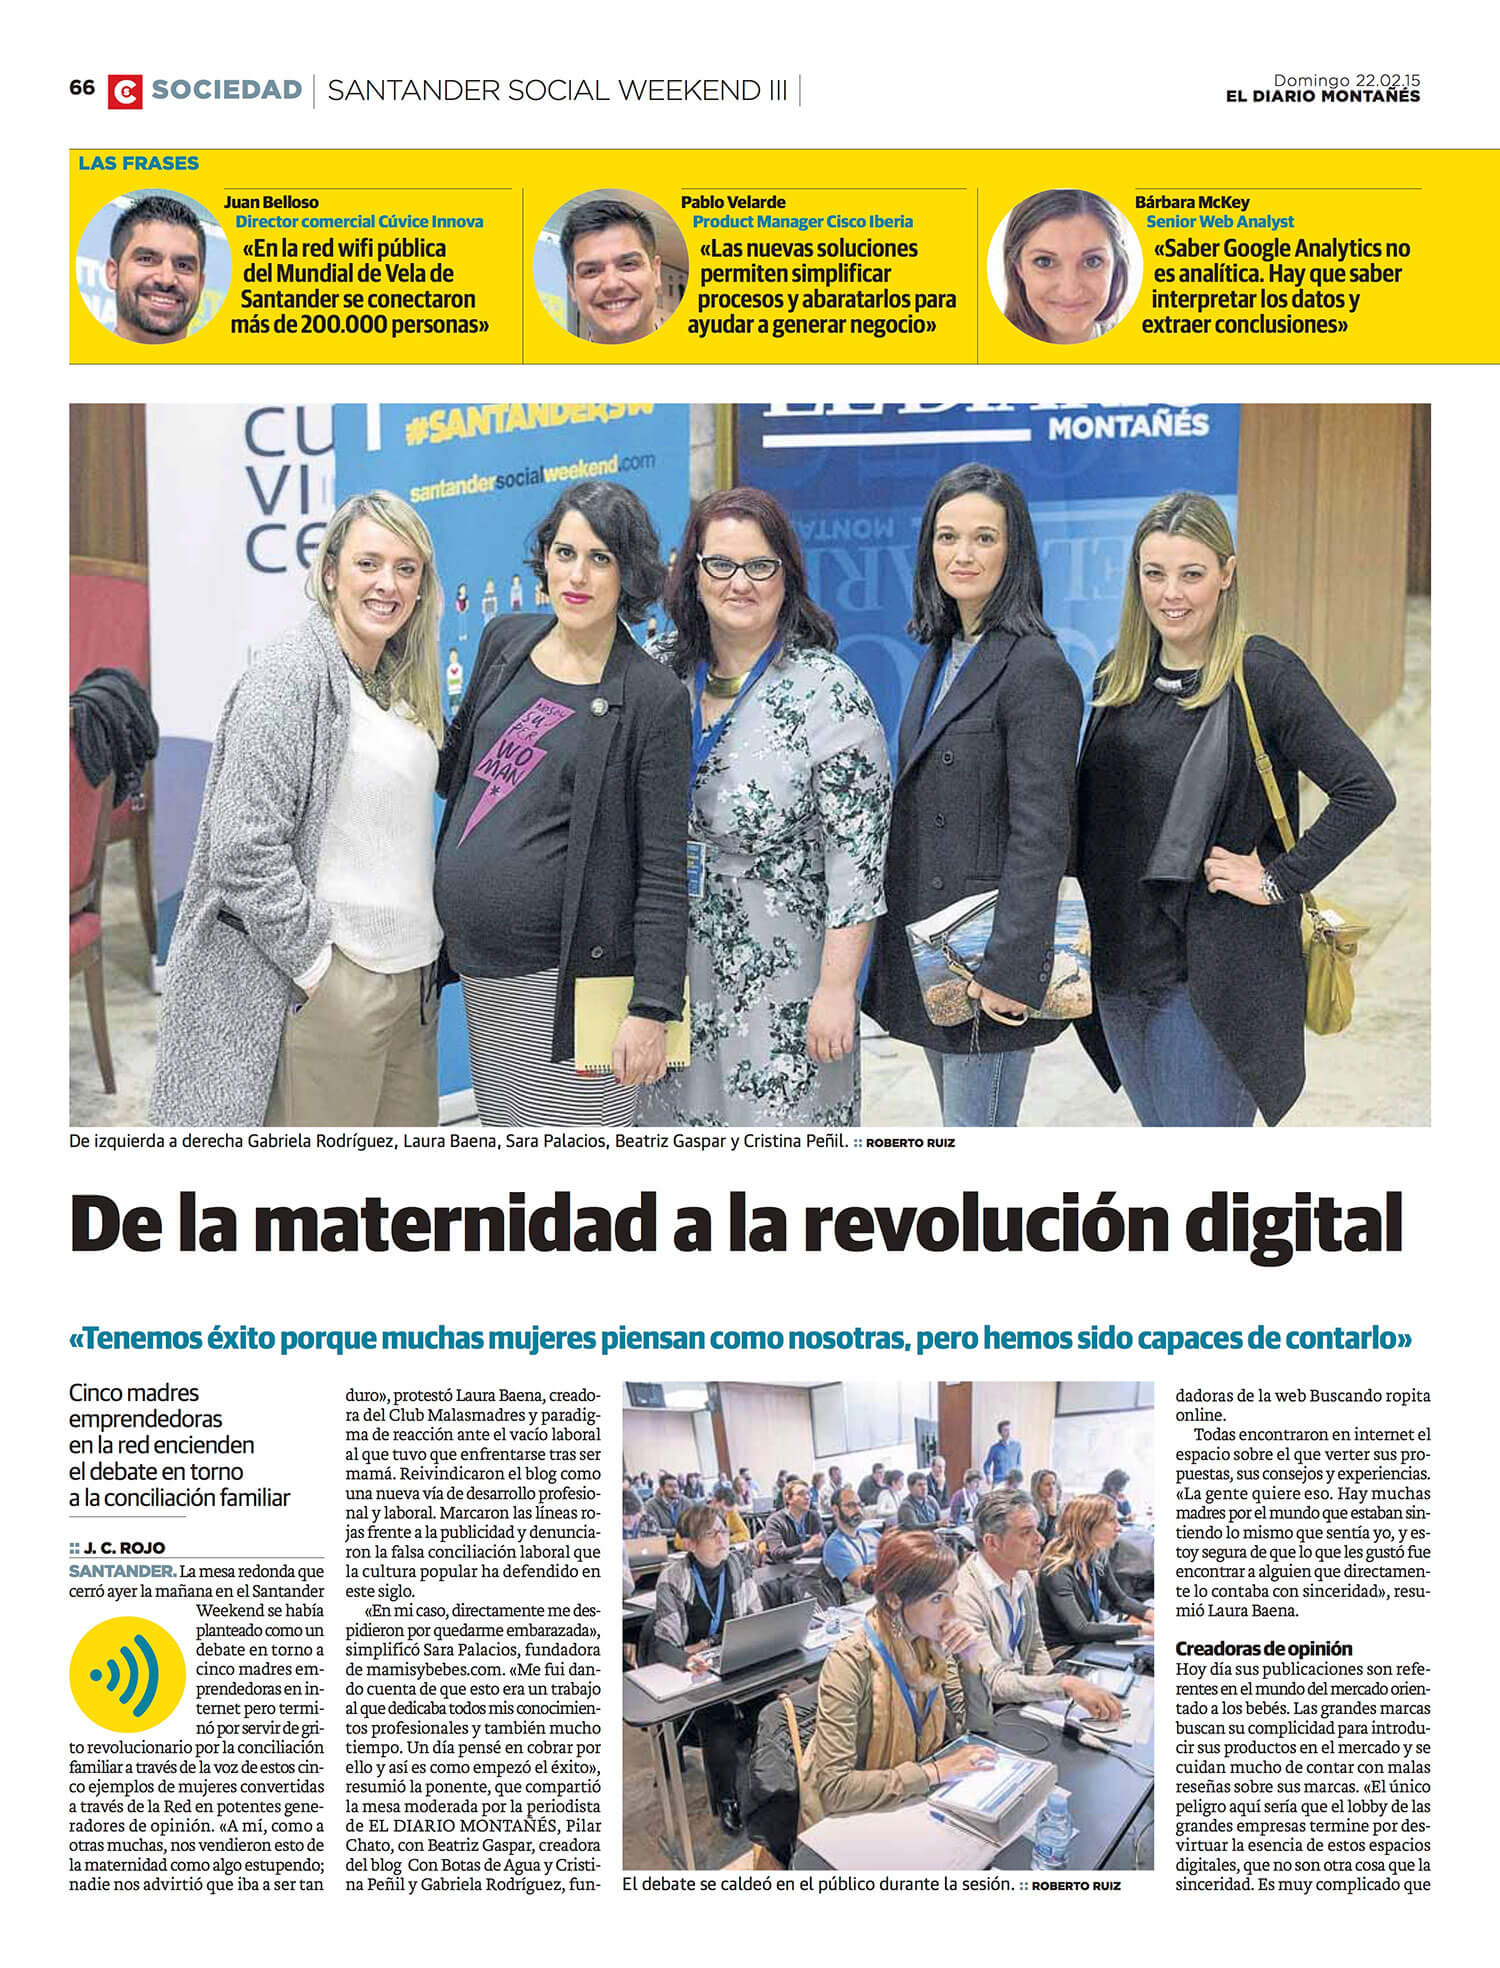 Santander Social Weekend: Presentación de Cúvice y Cisco Meraki #SantanderSW